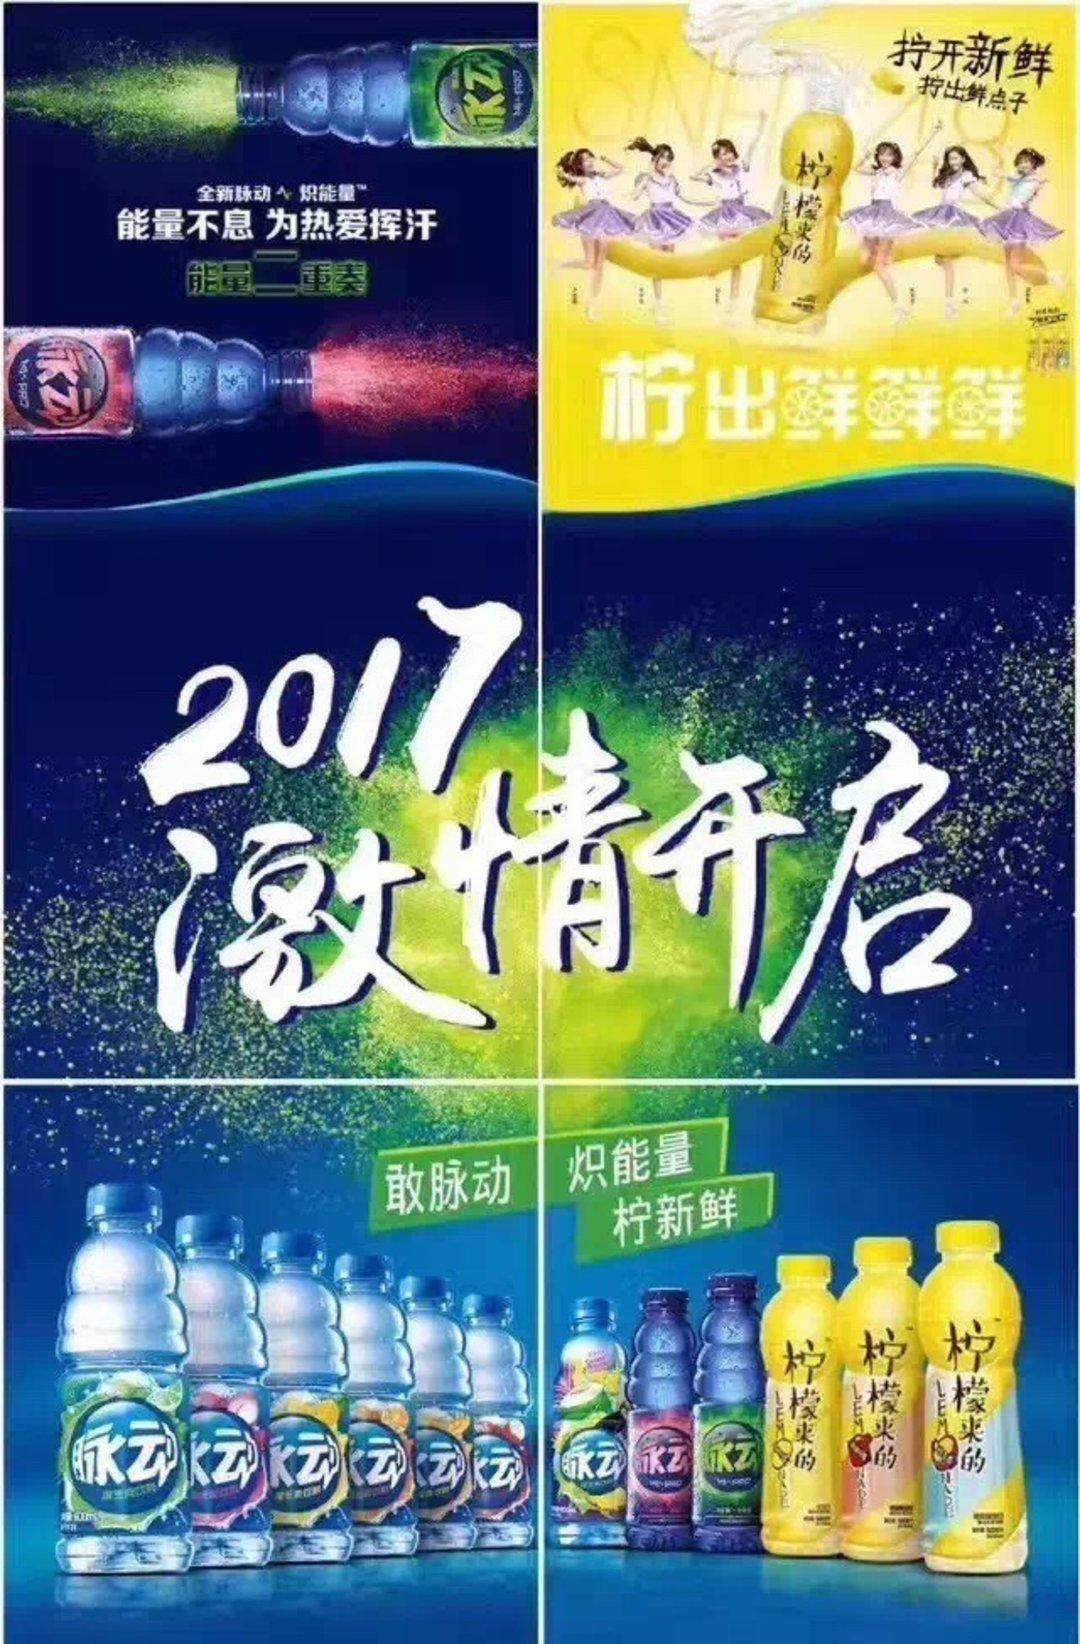 脉动在中国不好卖了,达能终于计划推出新品_商业_好奇心日报